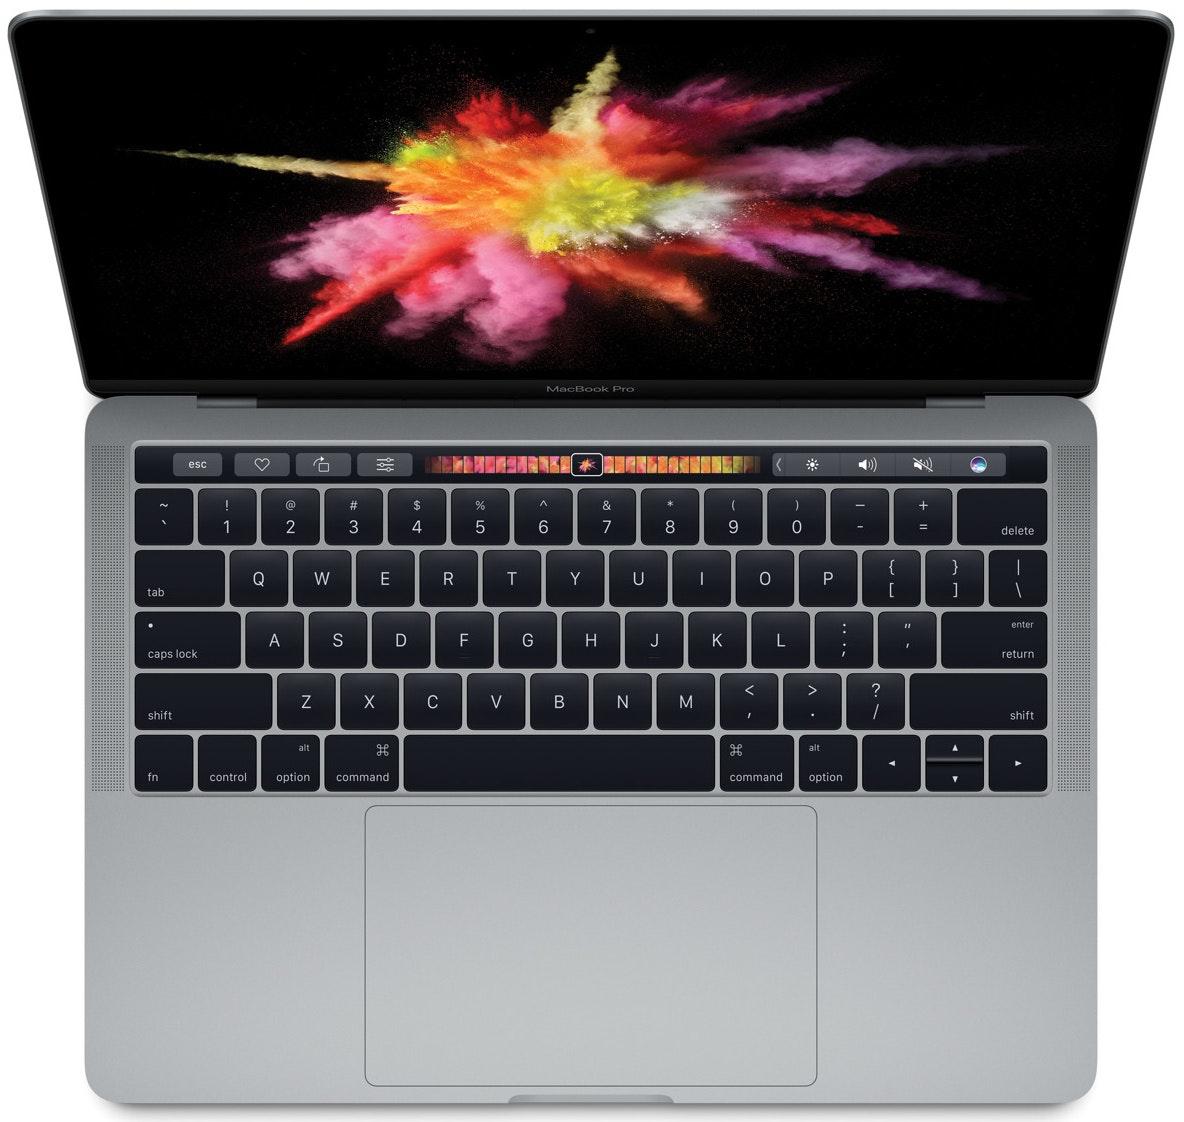 Macbook pro 13 inch